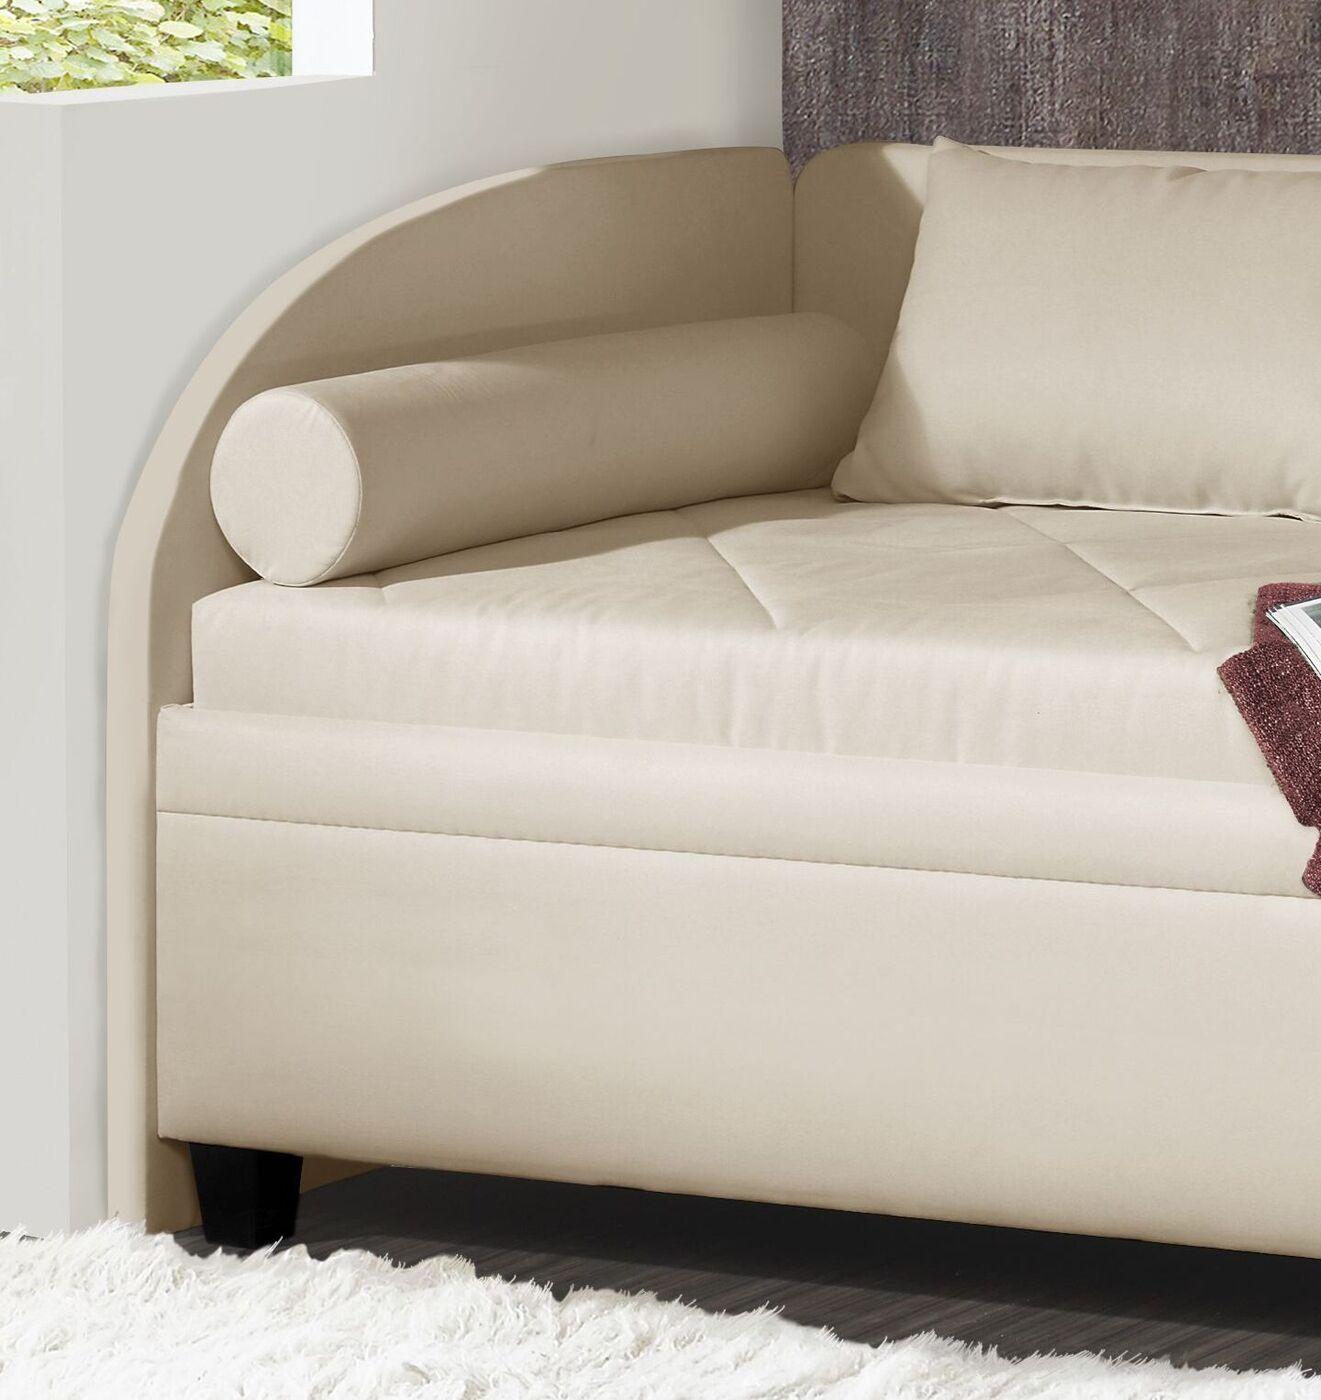 Bettkasten Studioliege mit Seiten  & Rückenlehne   Kamina Komfort